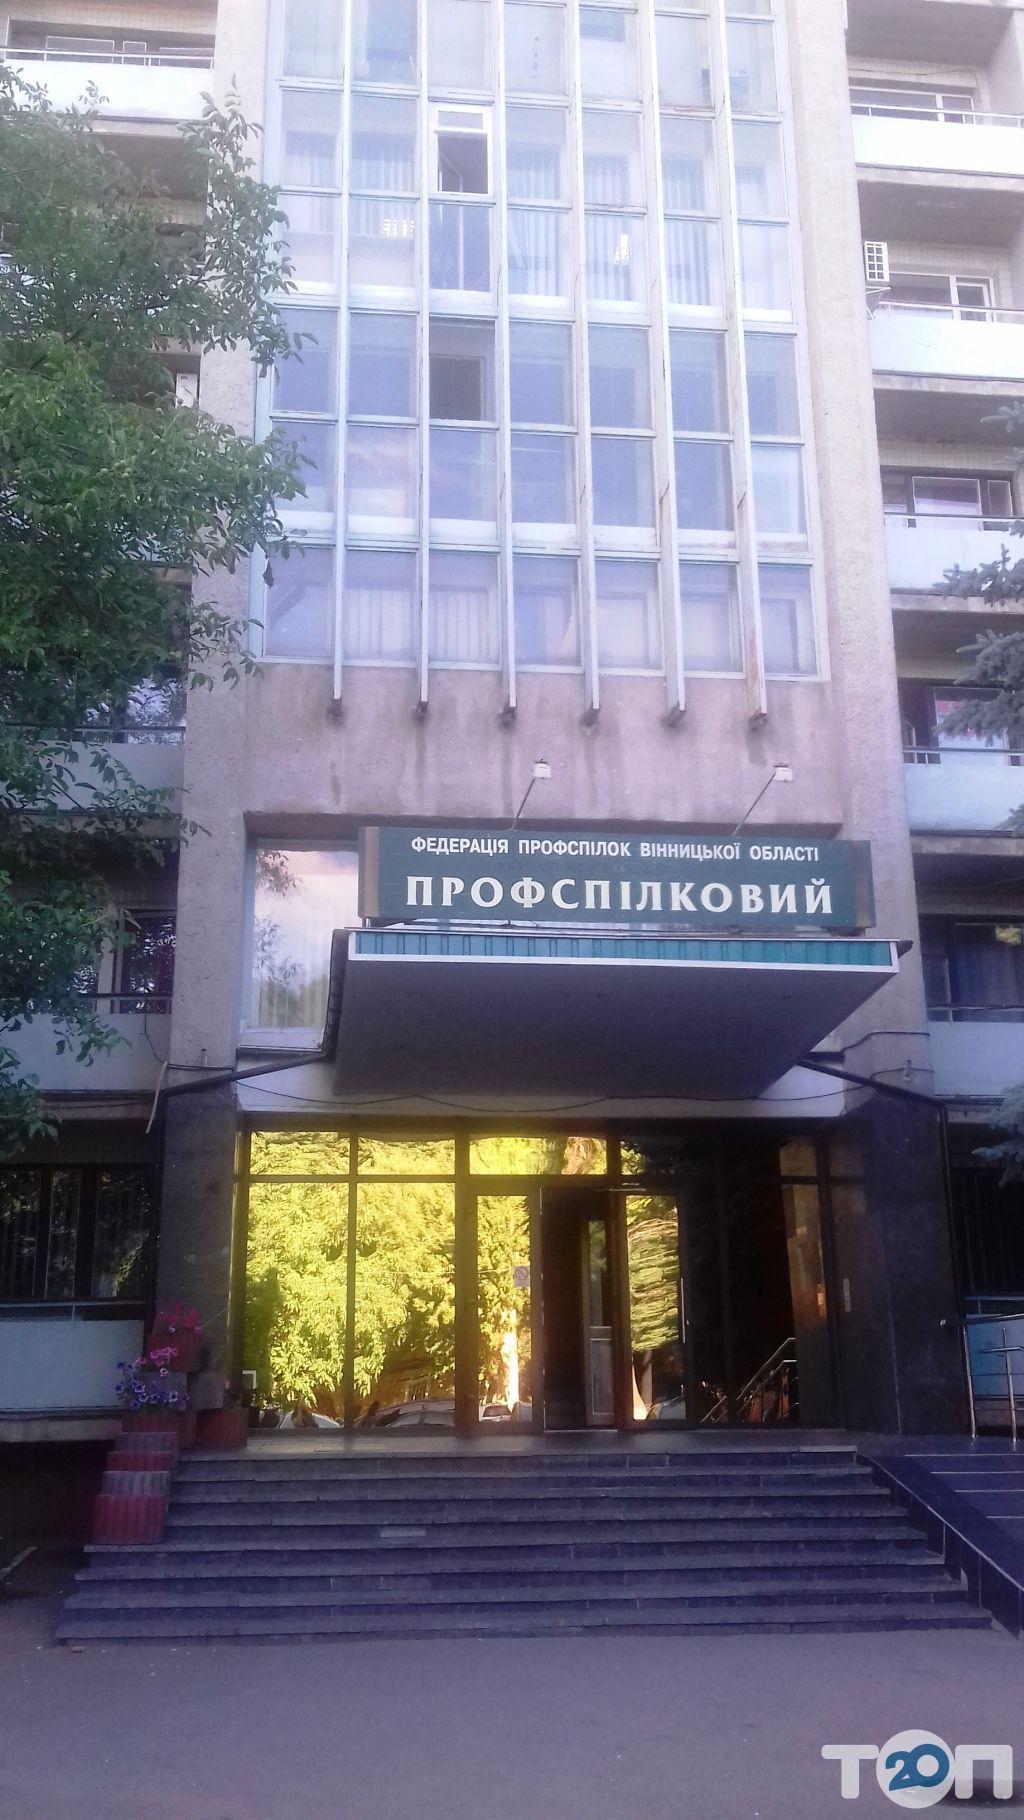 Профспілковий, готель - фото 2